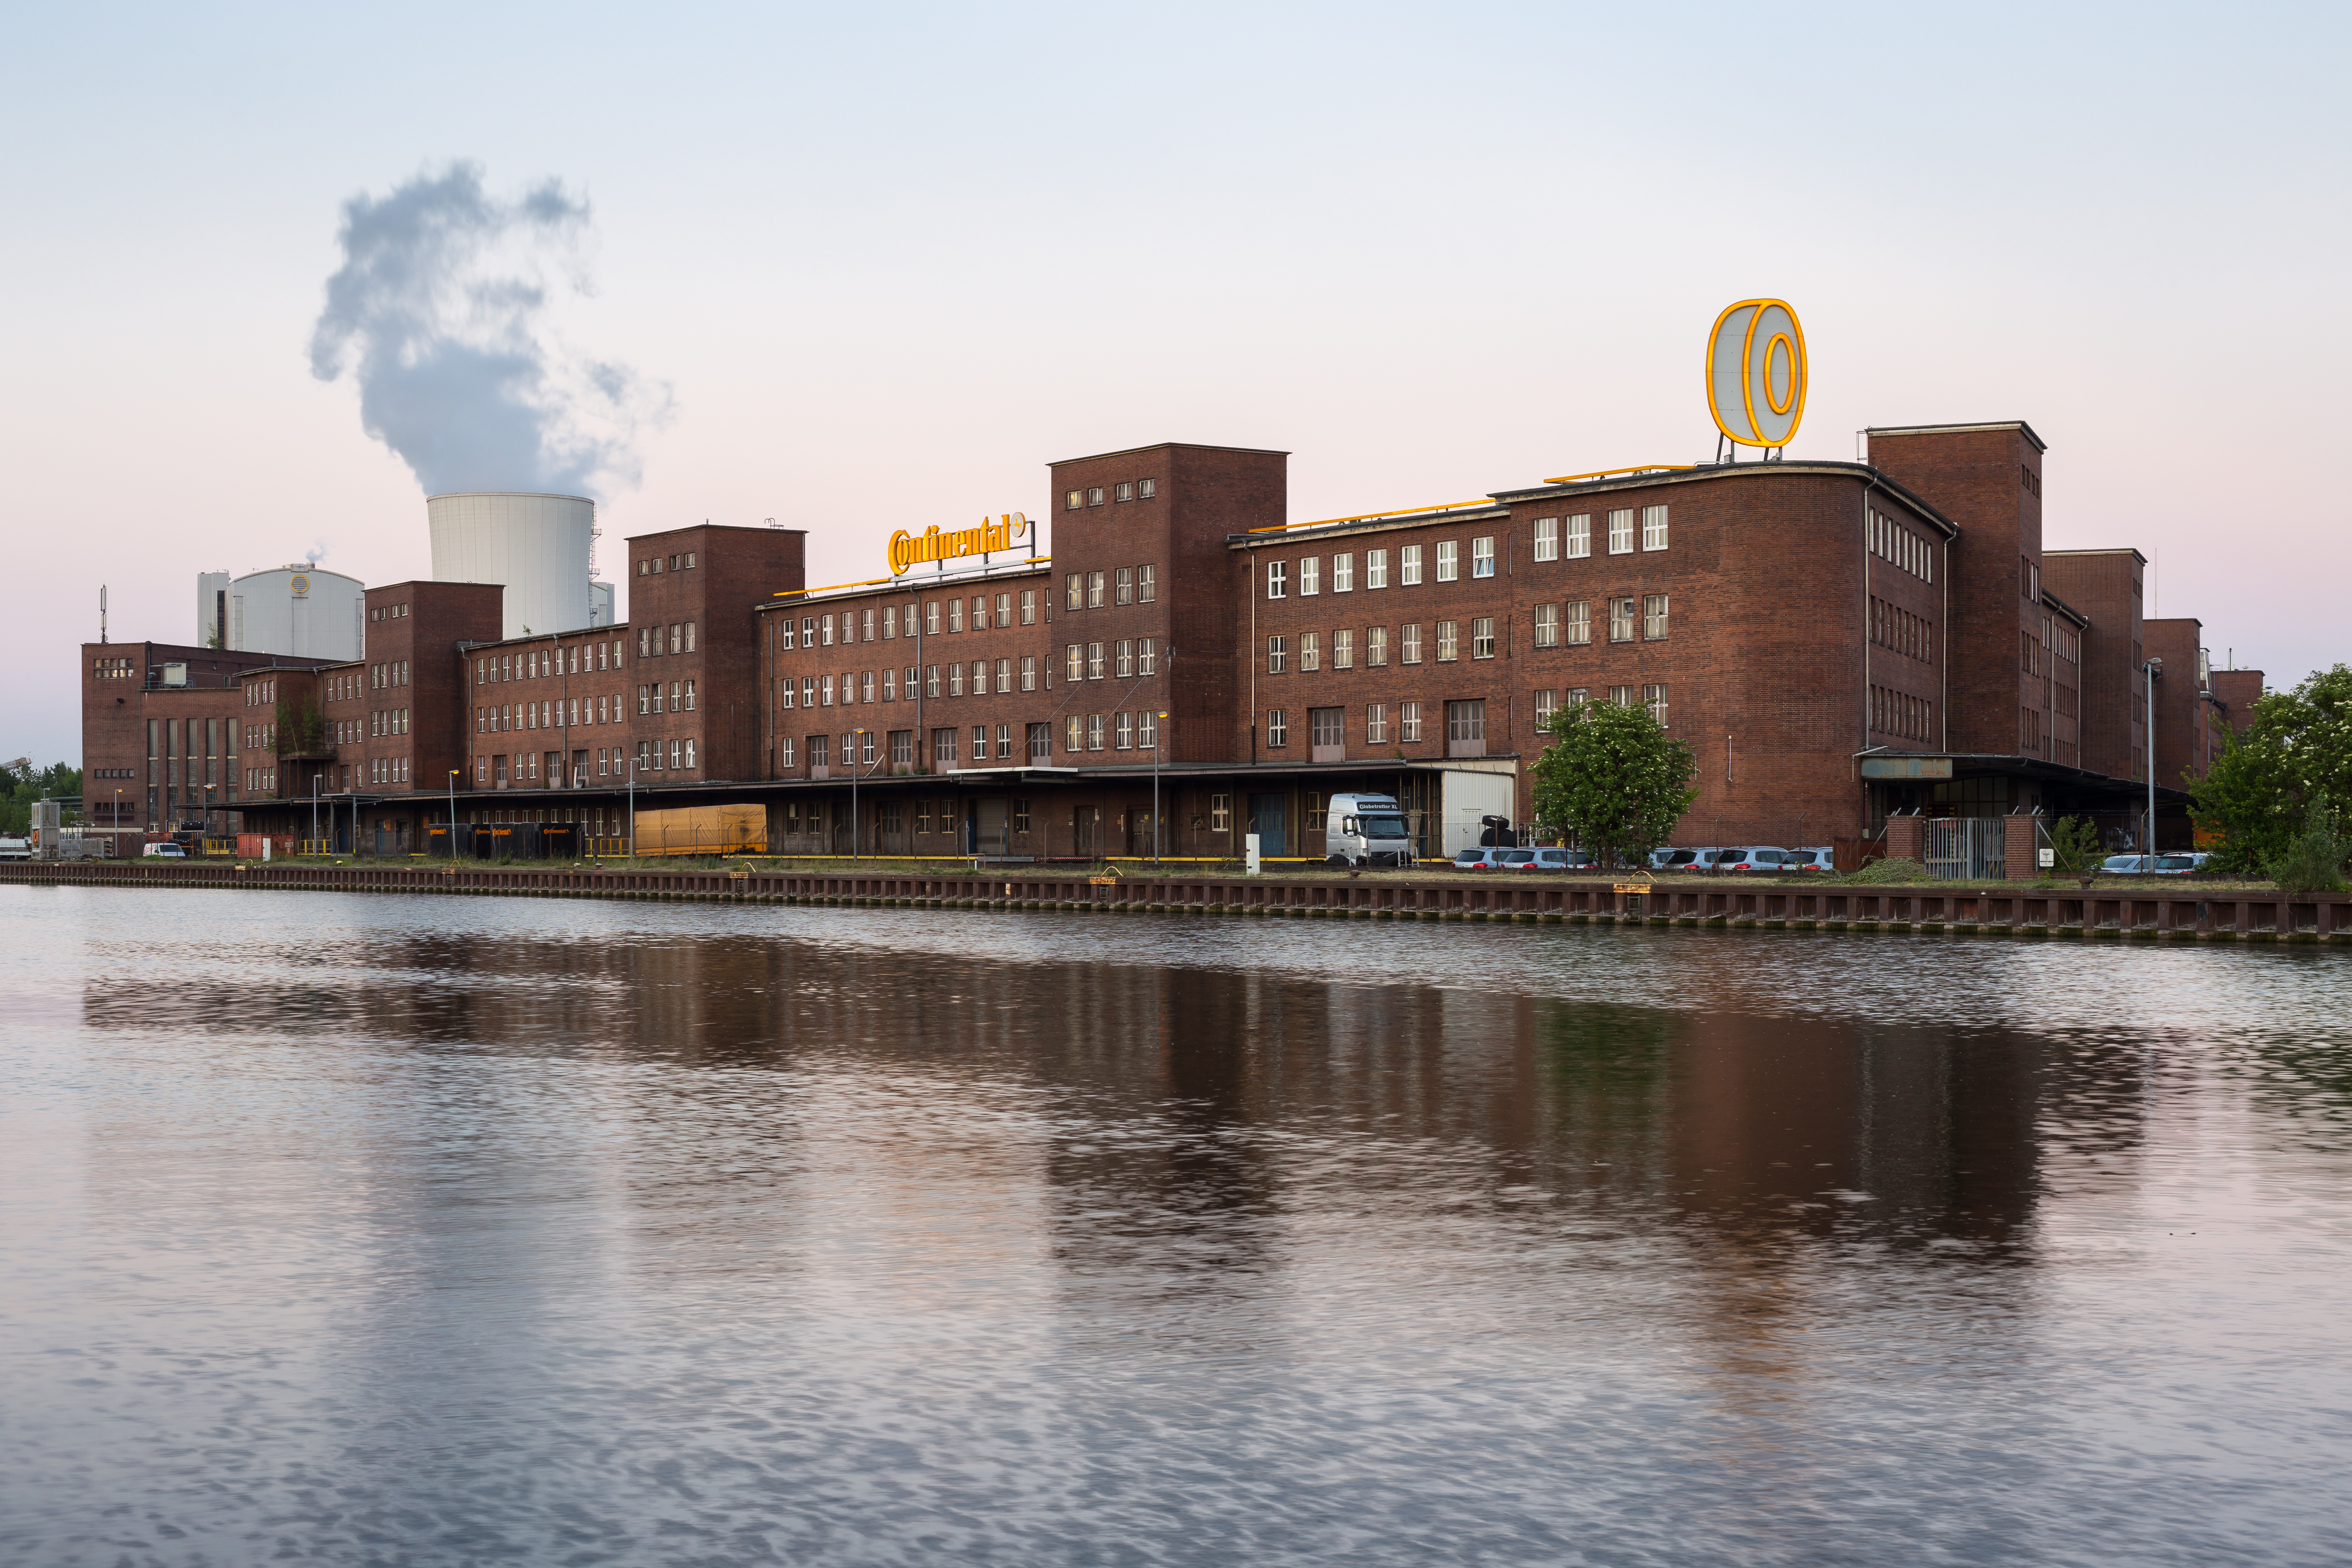 L'usine de pneus Continental à Hanovre, sur le Mittellandkanal, est dans la même veine architecturale...